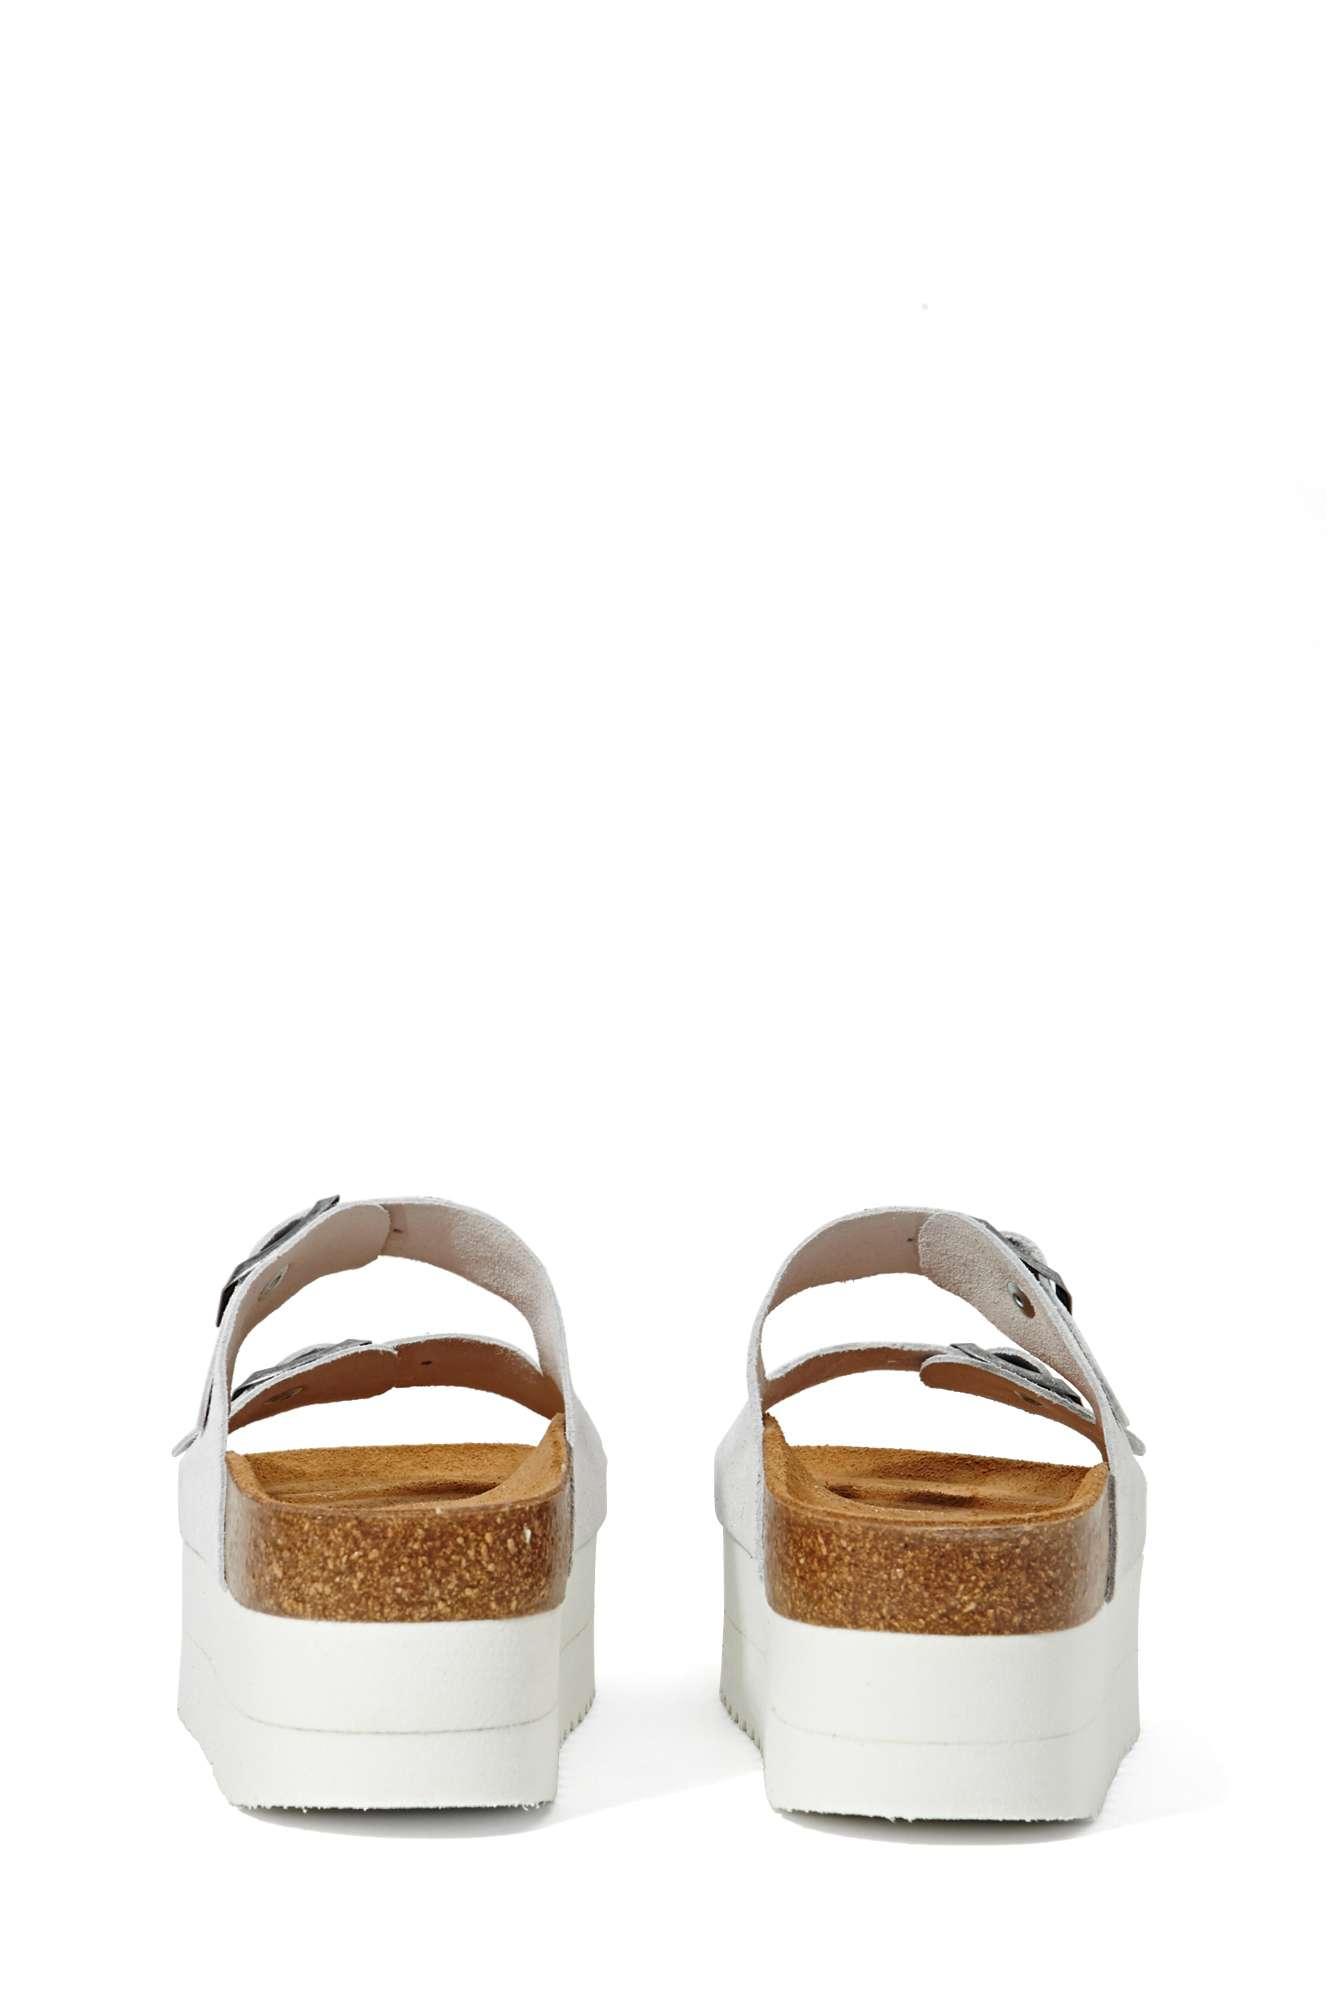 e8185e5b01bf Jeffrey Campbell Aurelia Platform Sandal - White Suede